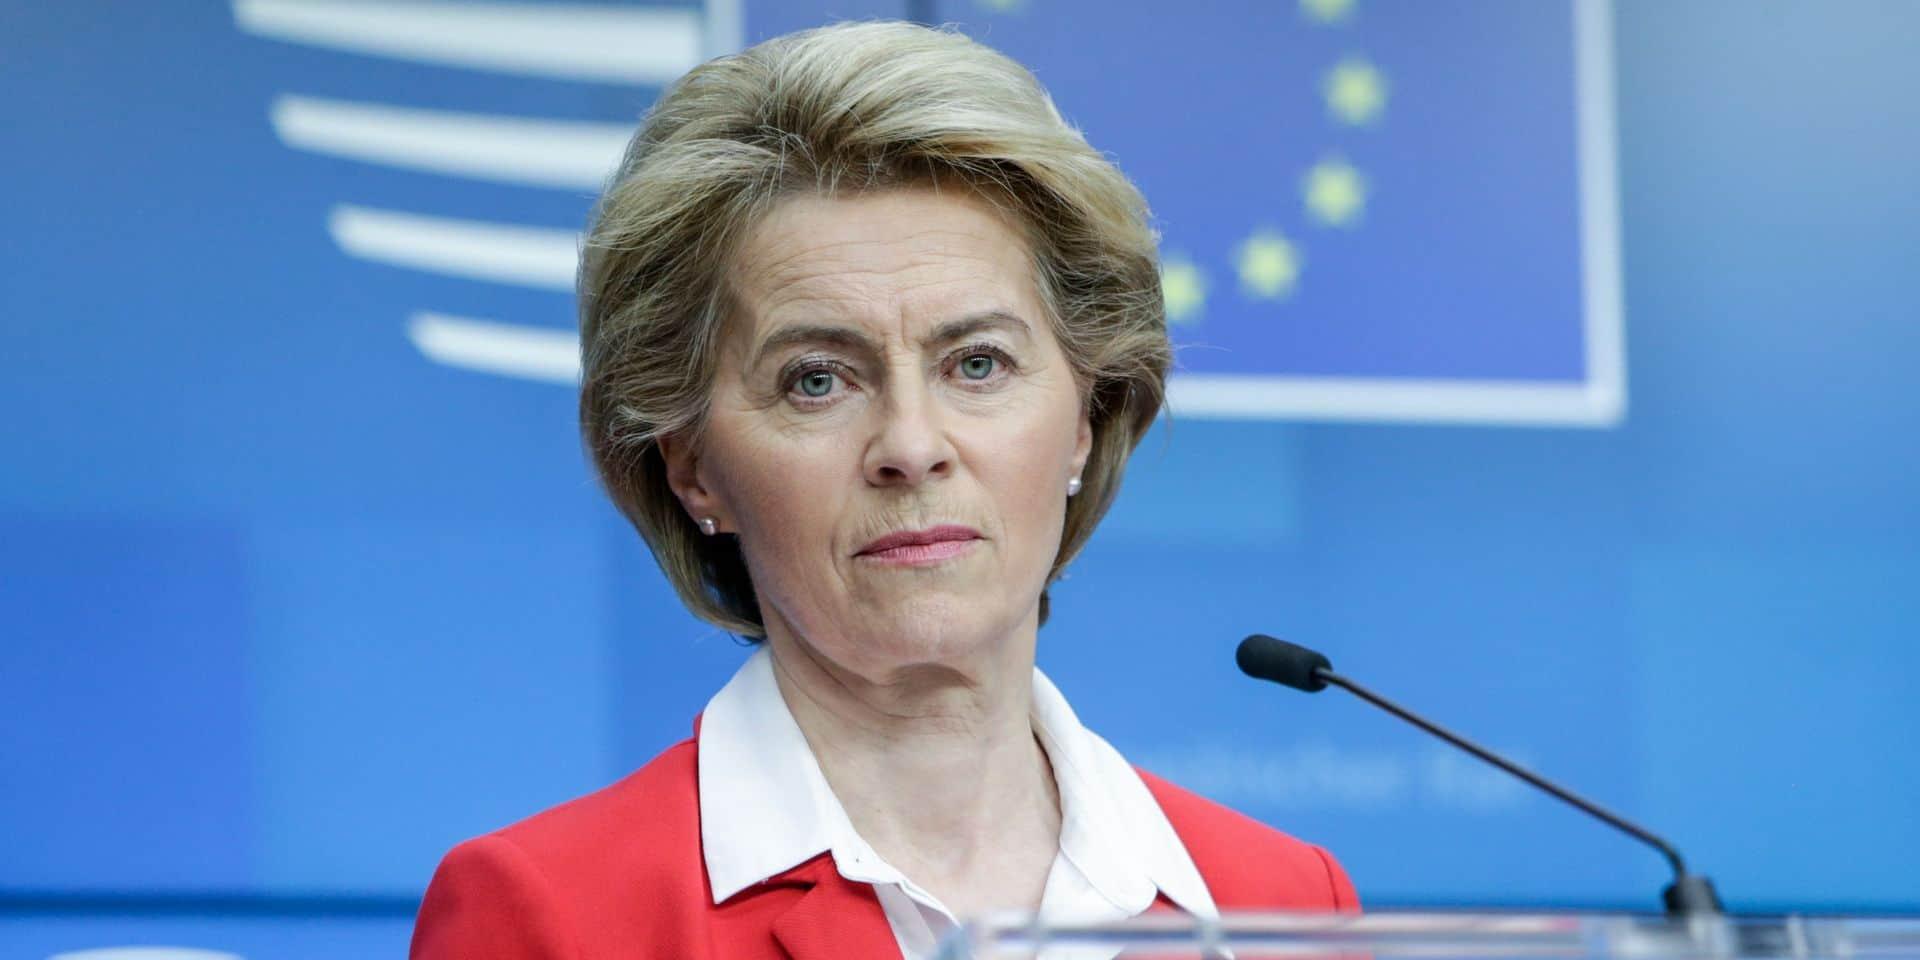 Quelles ressources pour rembourser les emprunts massifs de l'UE ?